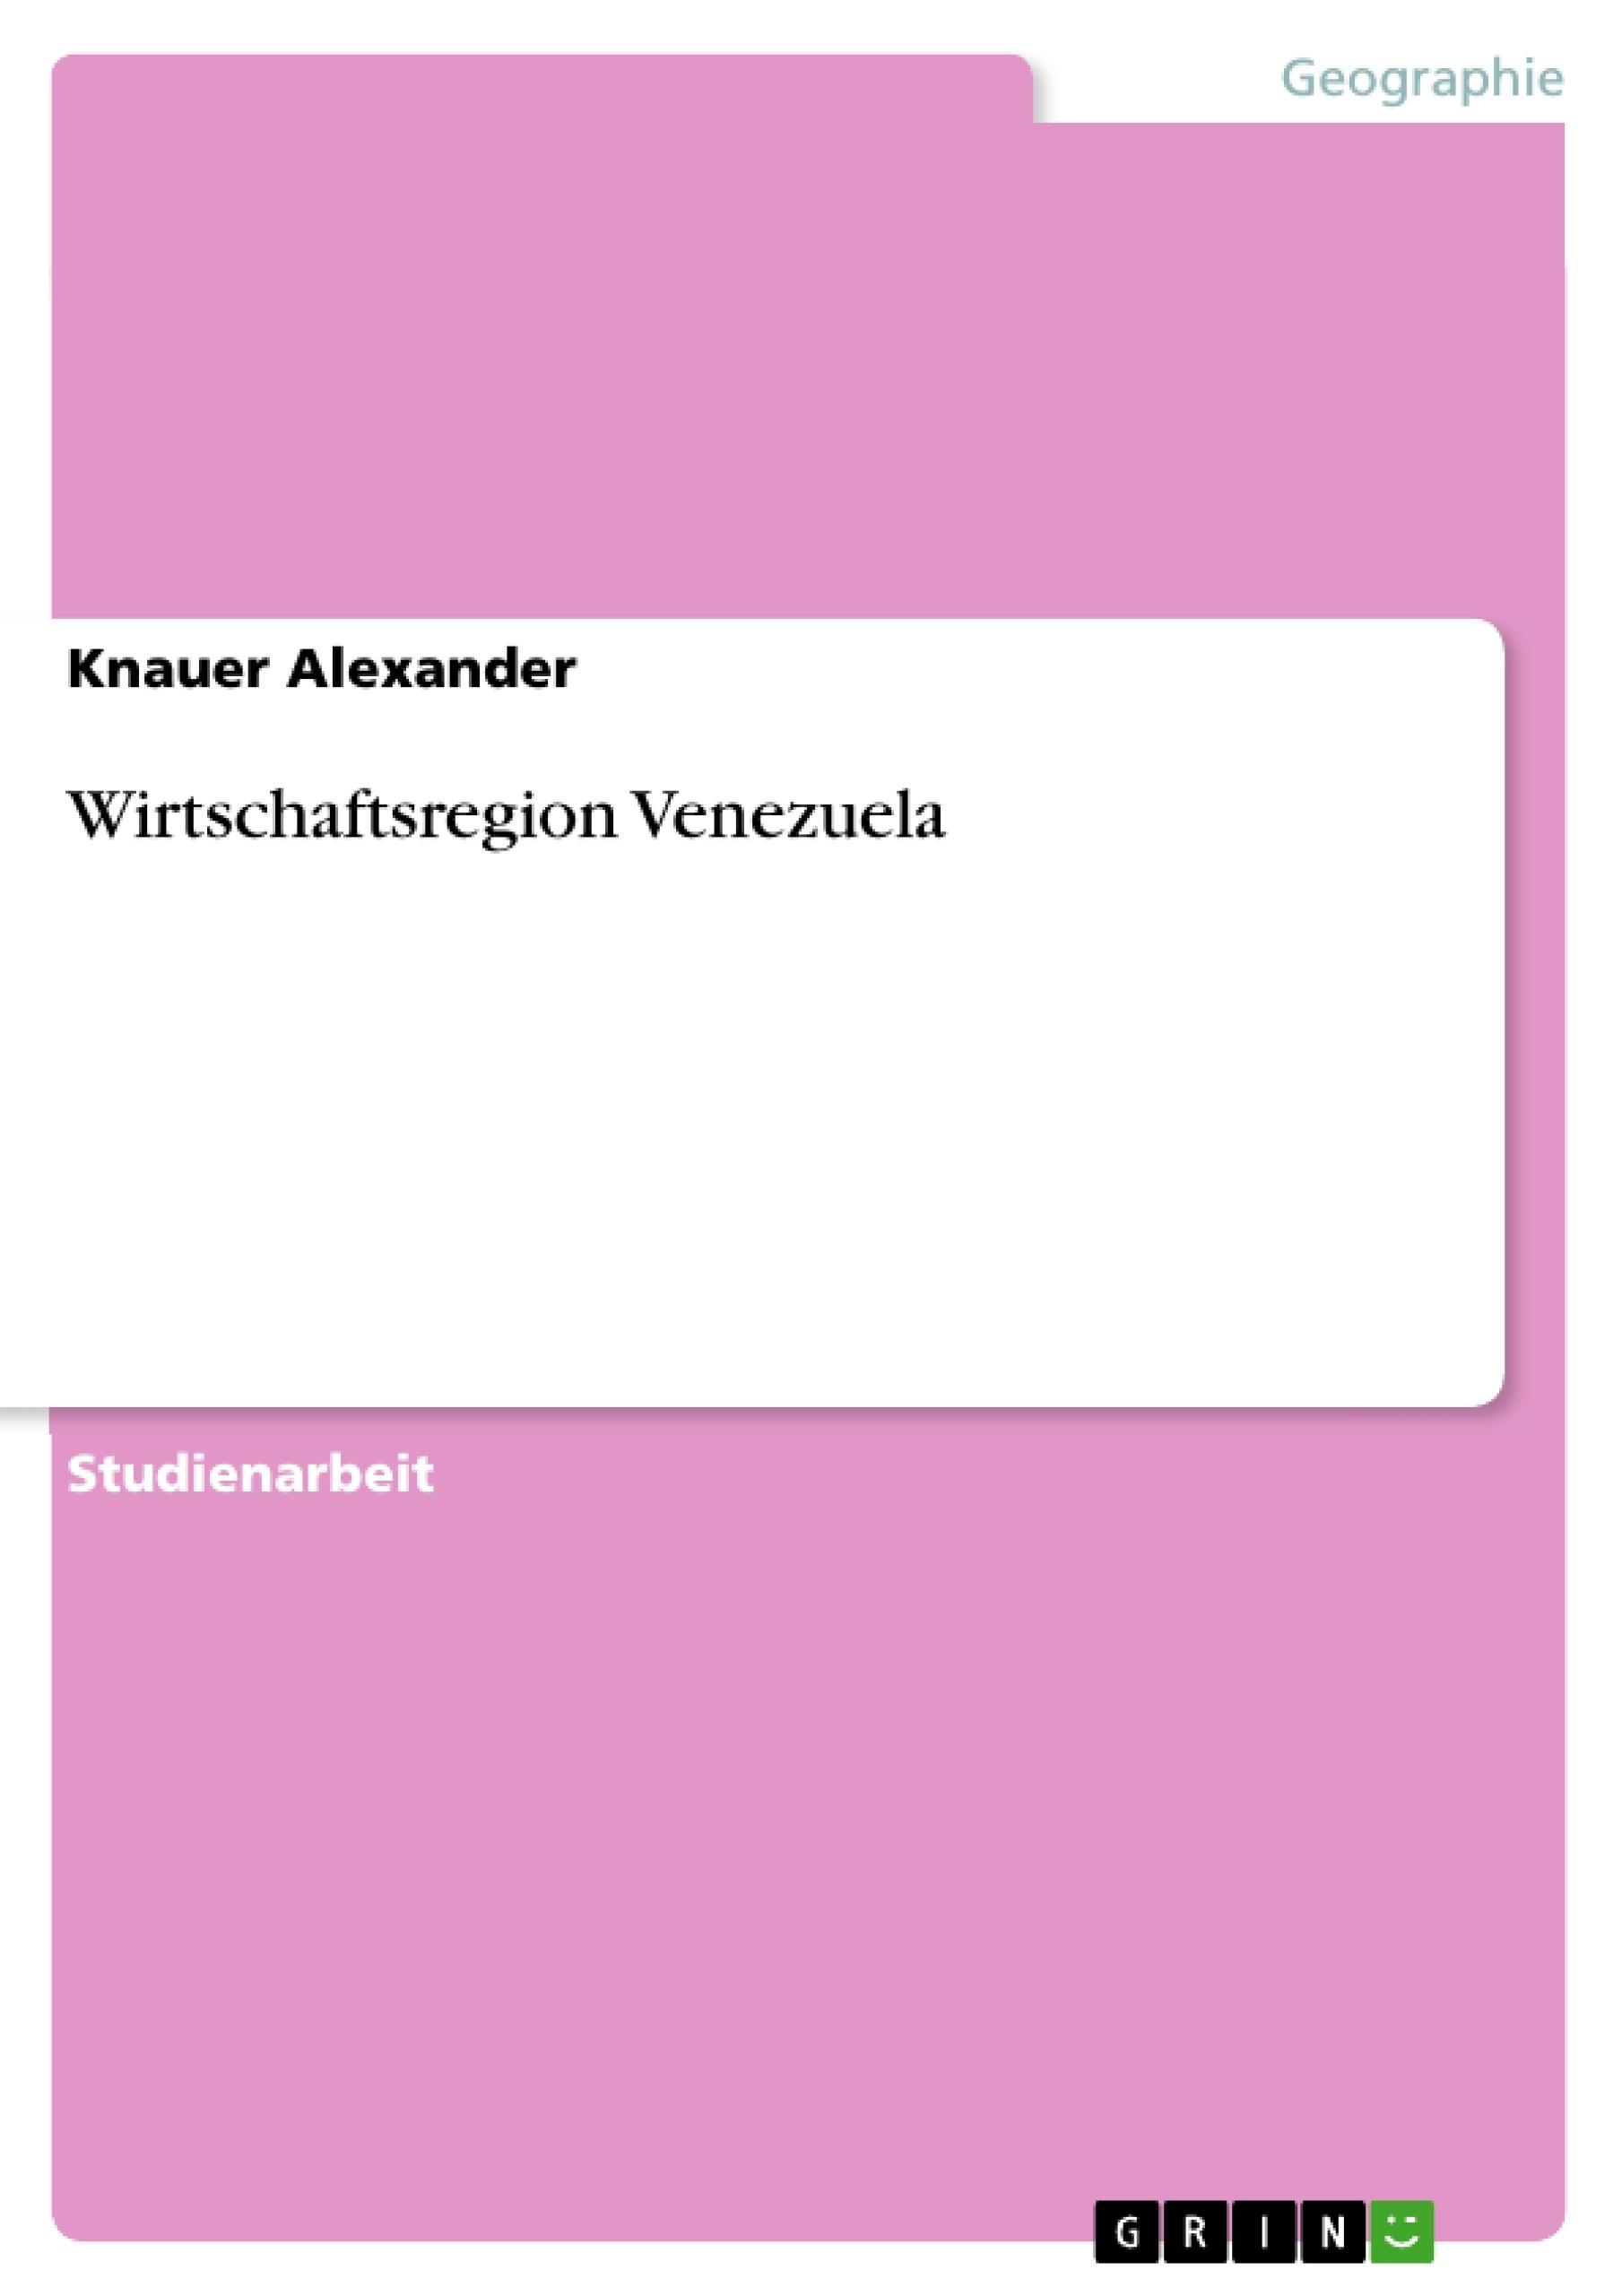 Titel: Wirtschaftsregion Venezuela